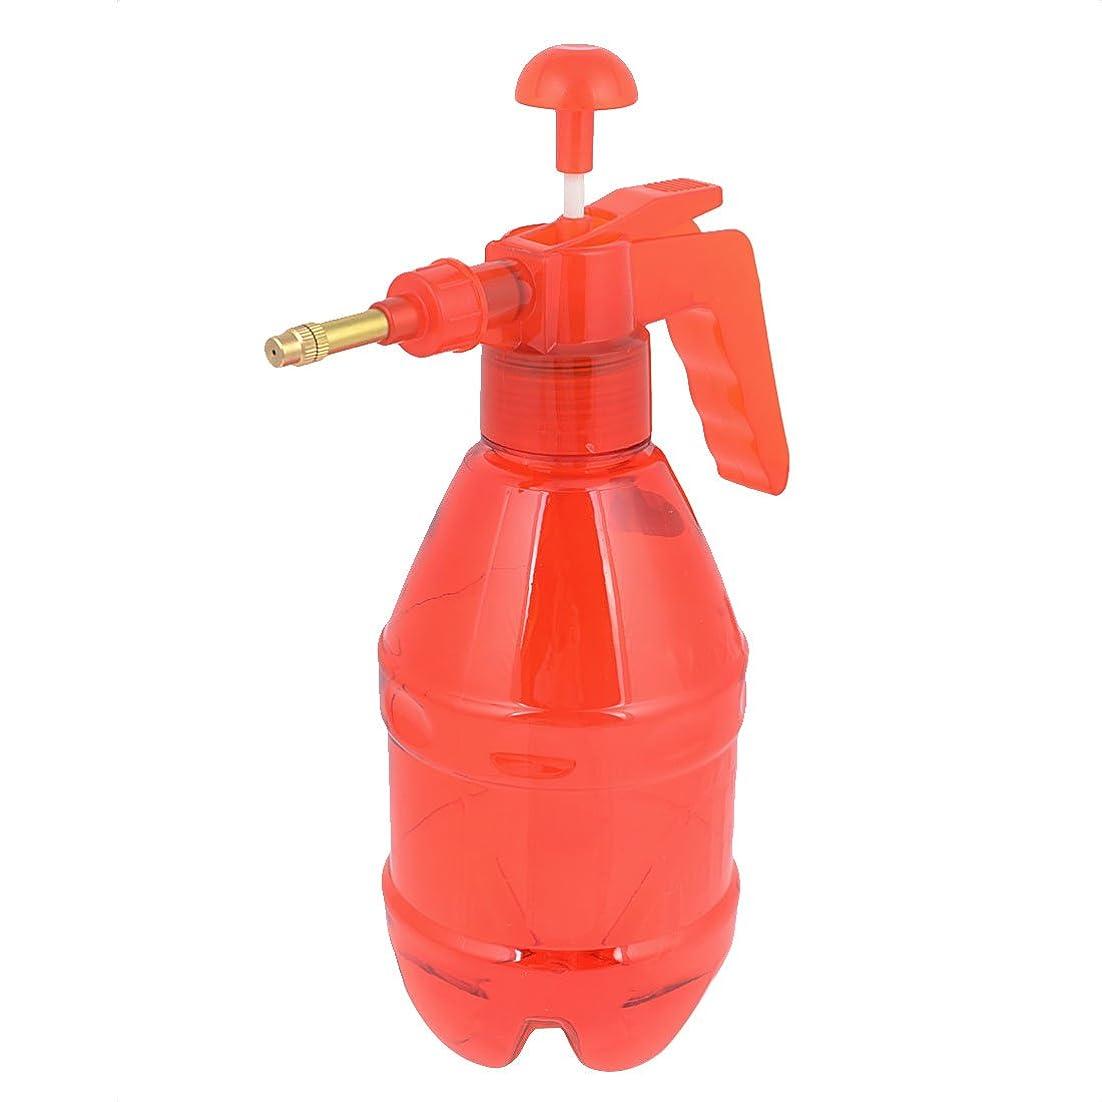 国家知的クラッシュuxcell 圧力噴霧器 ボルト クリアレッド 自動車 プラスチックハンドル 水やり プレース 0.8L